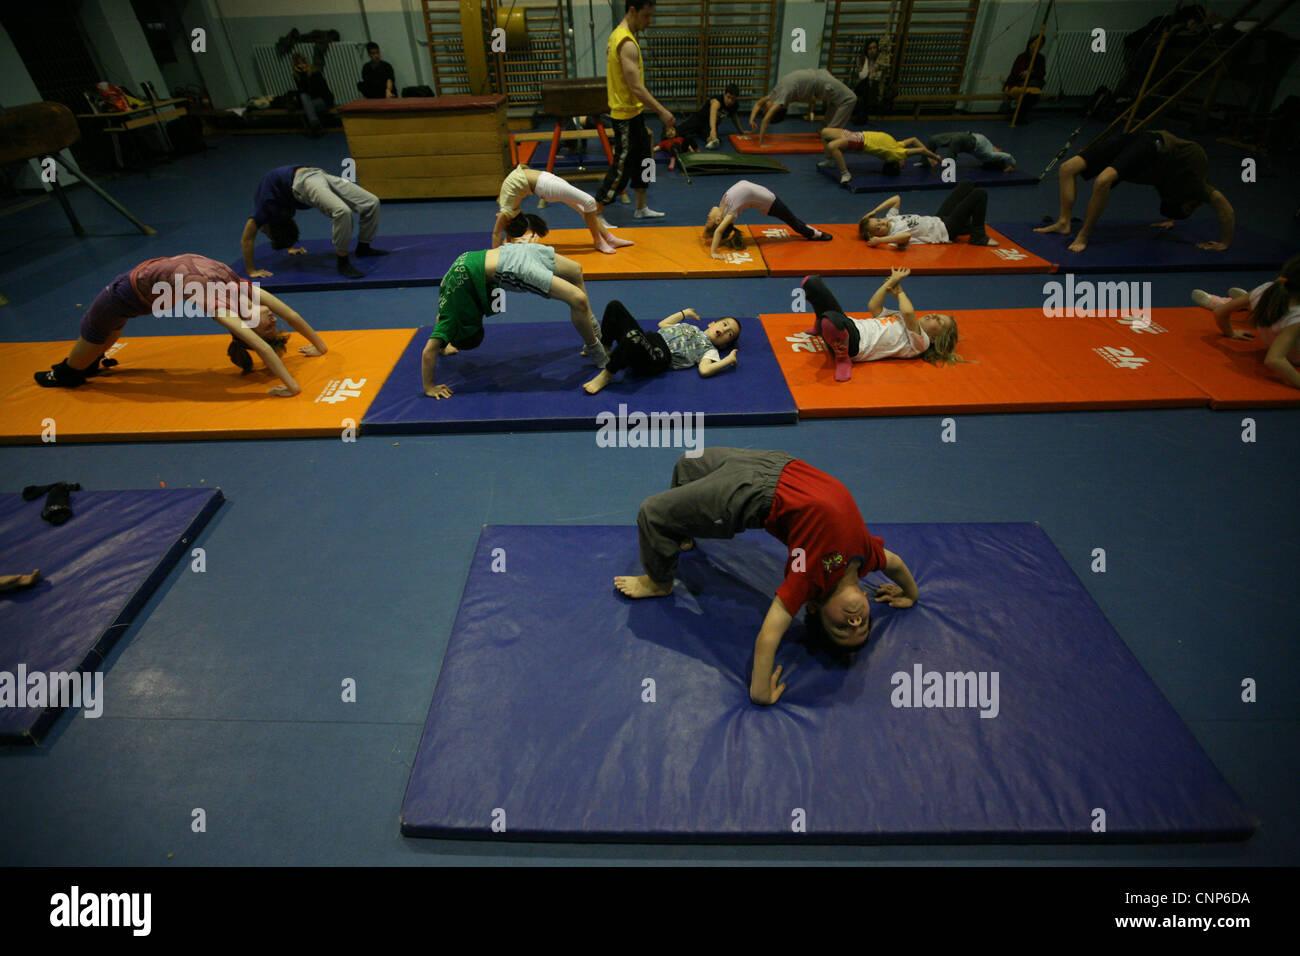 La formazione del club ginnico Podednik a Belgrado in Serbia. Immagini Stock